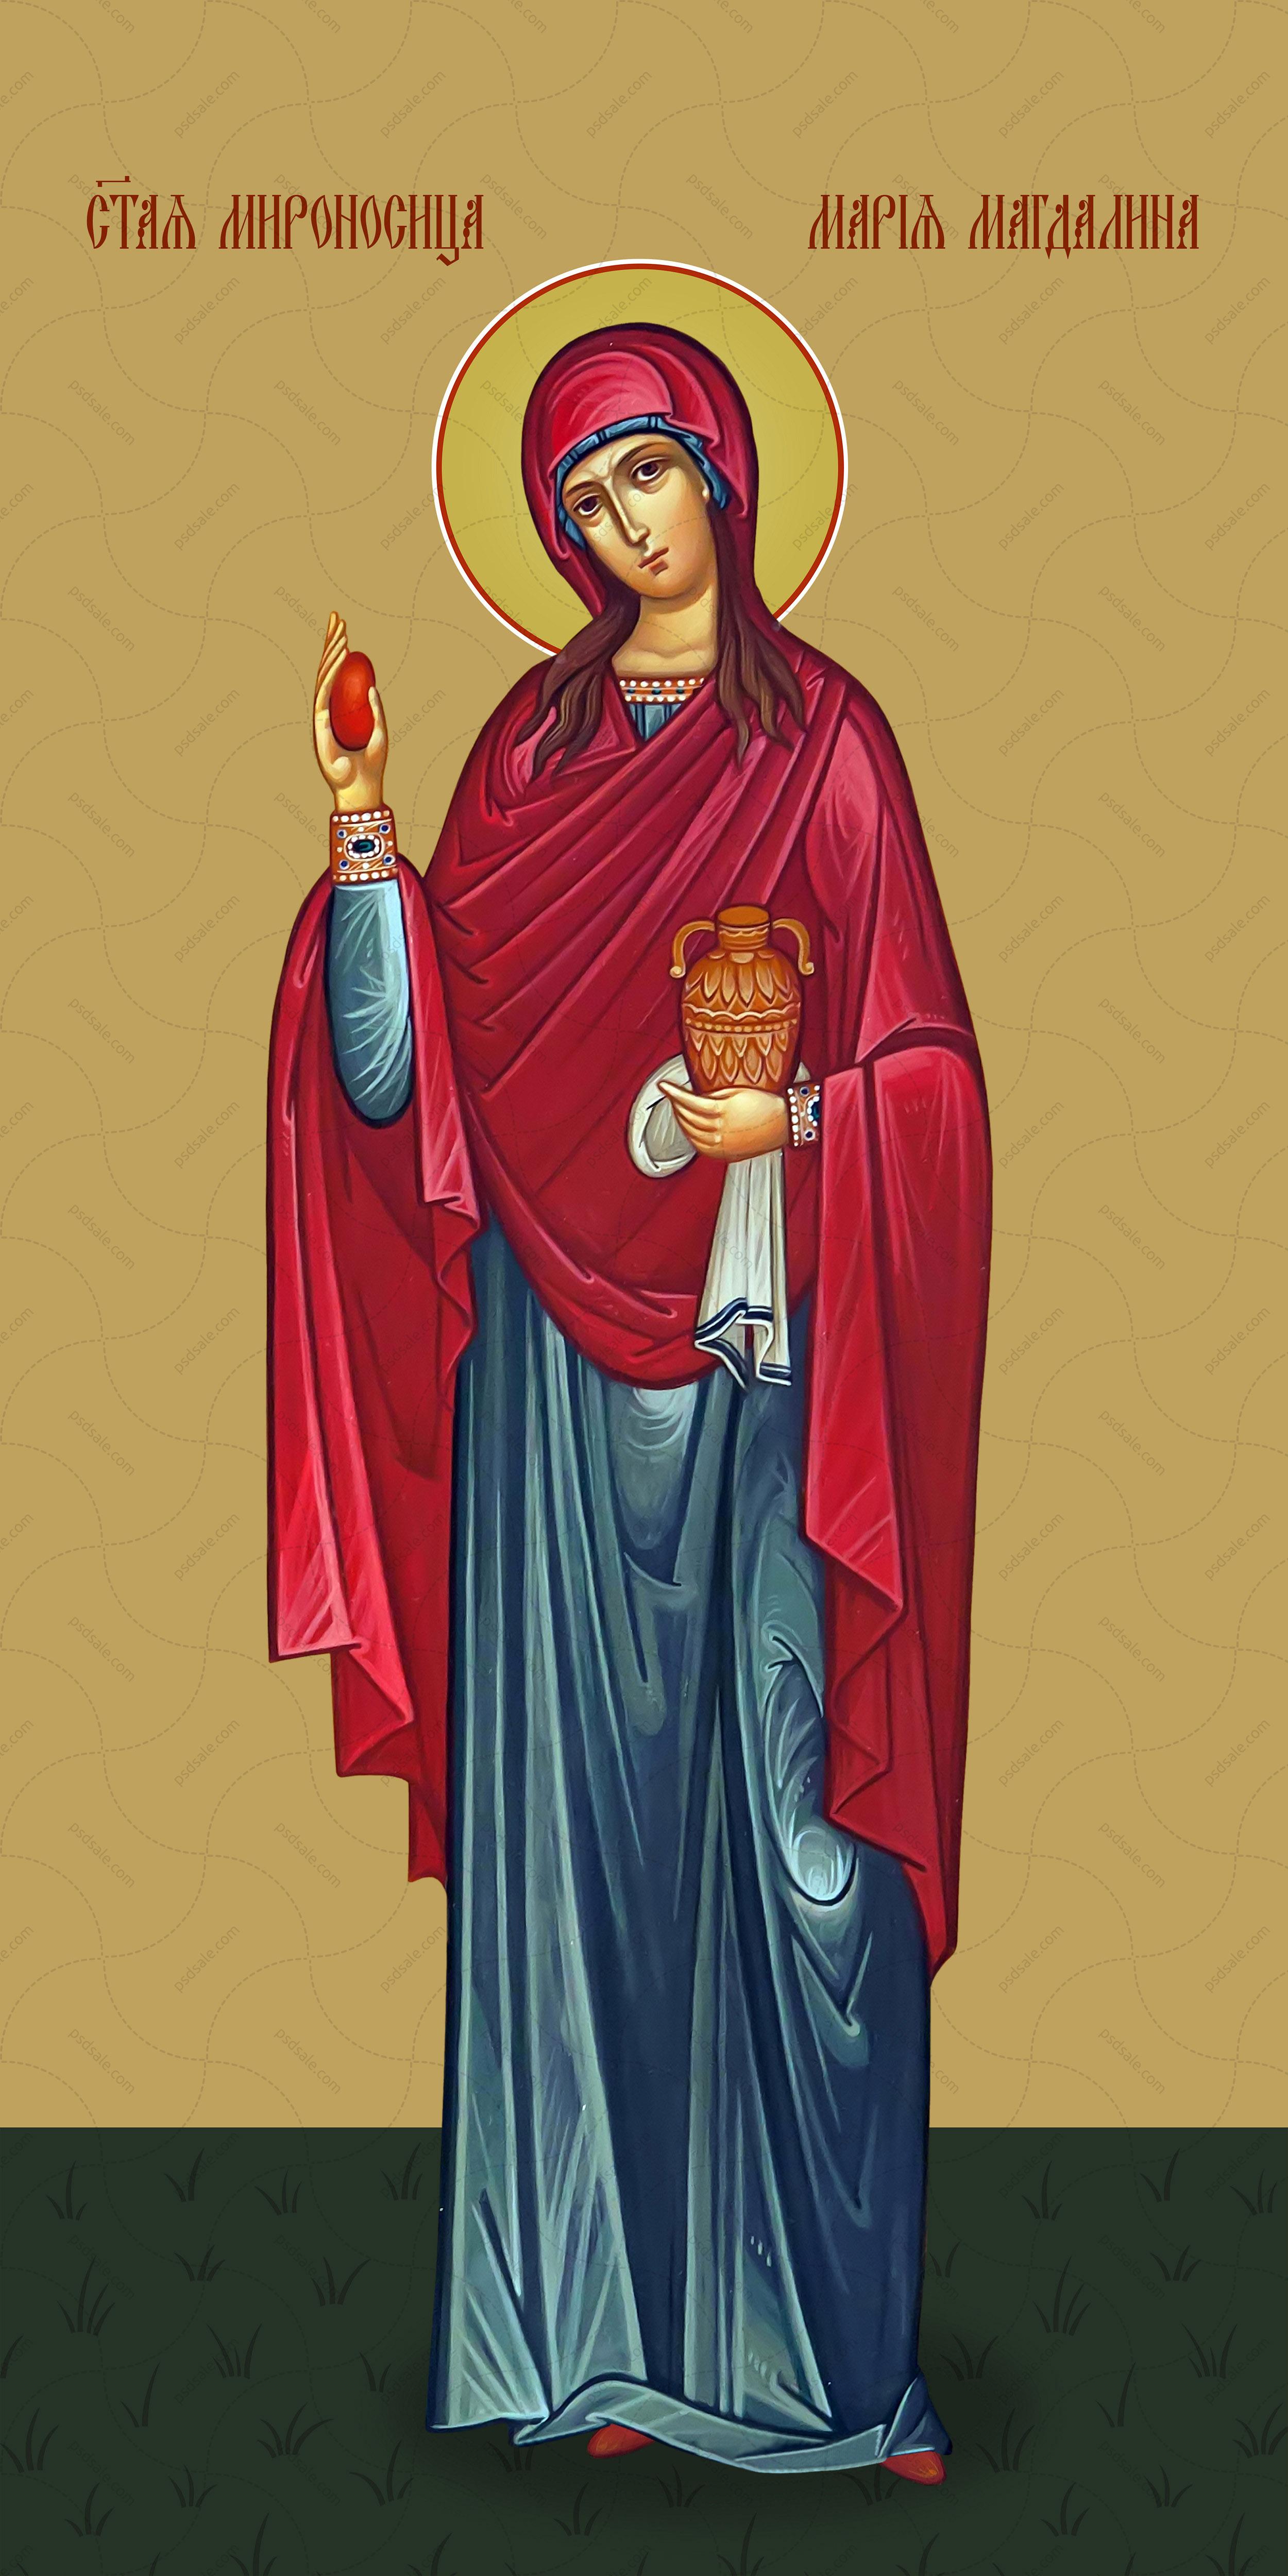 Мерная икона, Мария Магдалина, святая